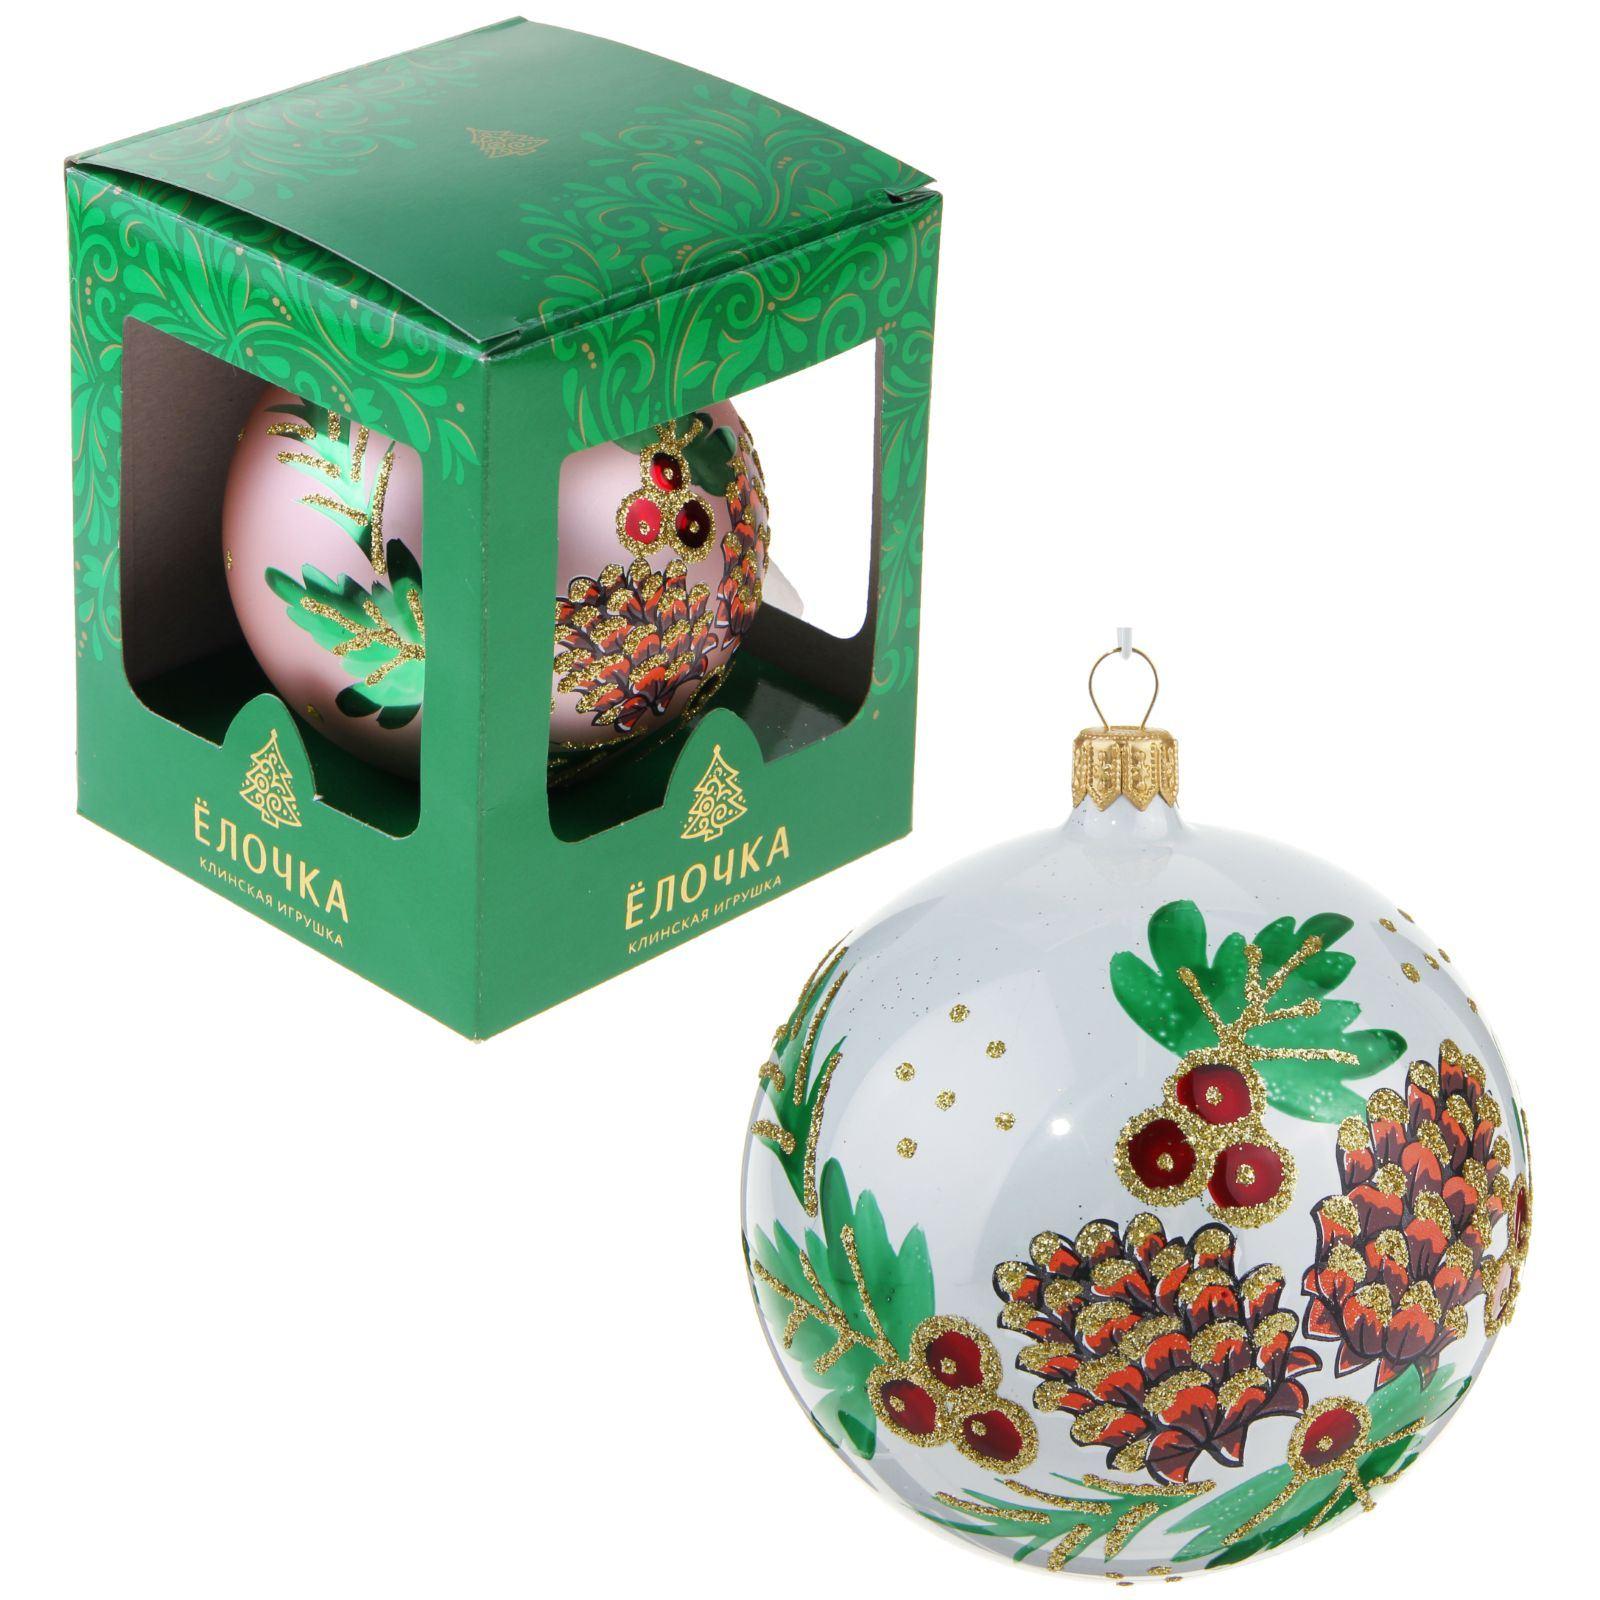 Новогоднее подвесное украшение Ёлочка Хвойный, диаметр 9,5 см1721479Новогоднее подвесное украшение Ёлочка отлично подойдет для декорации вашего дома и новогодней ели. Новогоднее украшение можно повесить в любом понравившемся вам месте. Но, конечно, удачнее всего оно будет смотреться на праздничной елке.Елочная игрушка - символ Нового года. Она несет в себе волшебство и красоту праздника. Такое украшение создаст в вашем доме атмосферу праздника, веселья и радости.